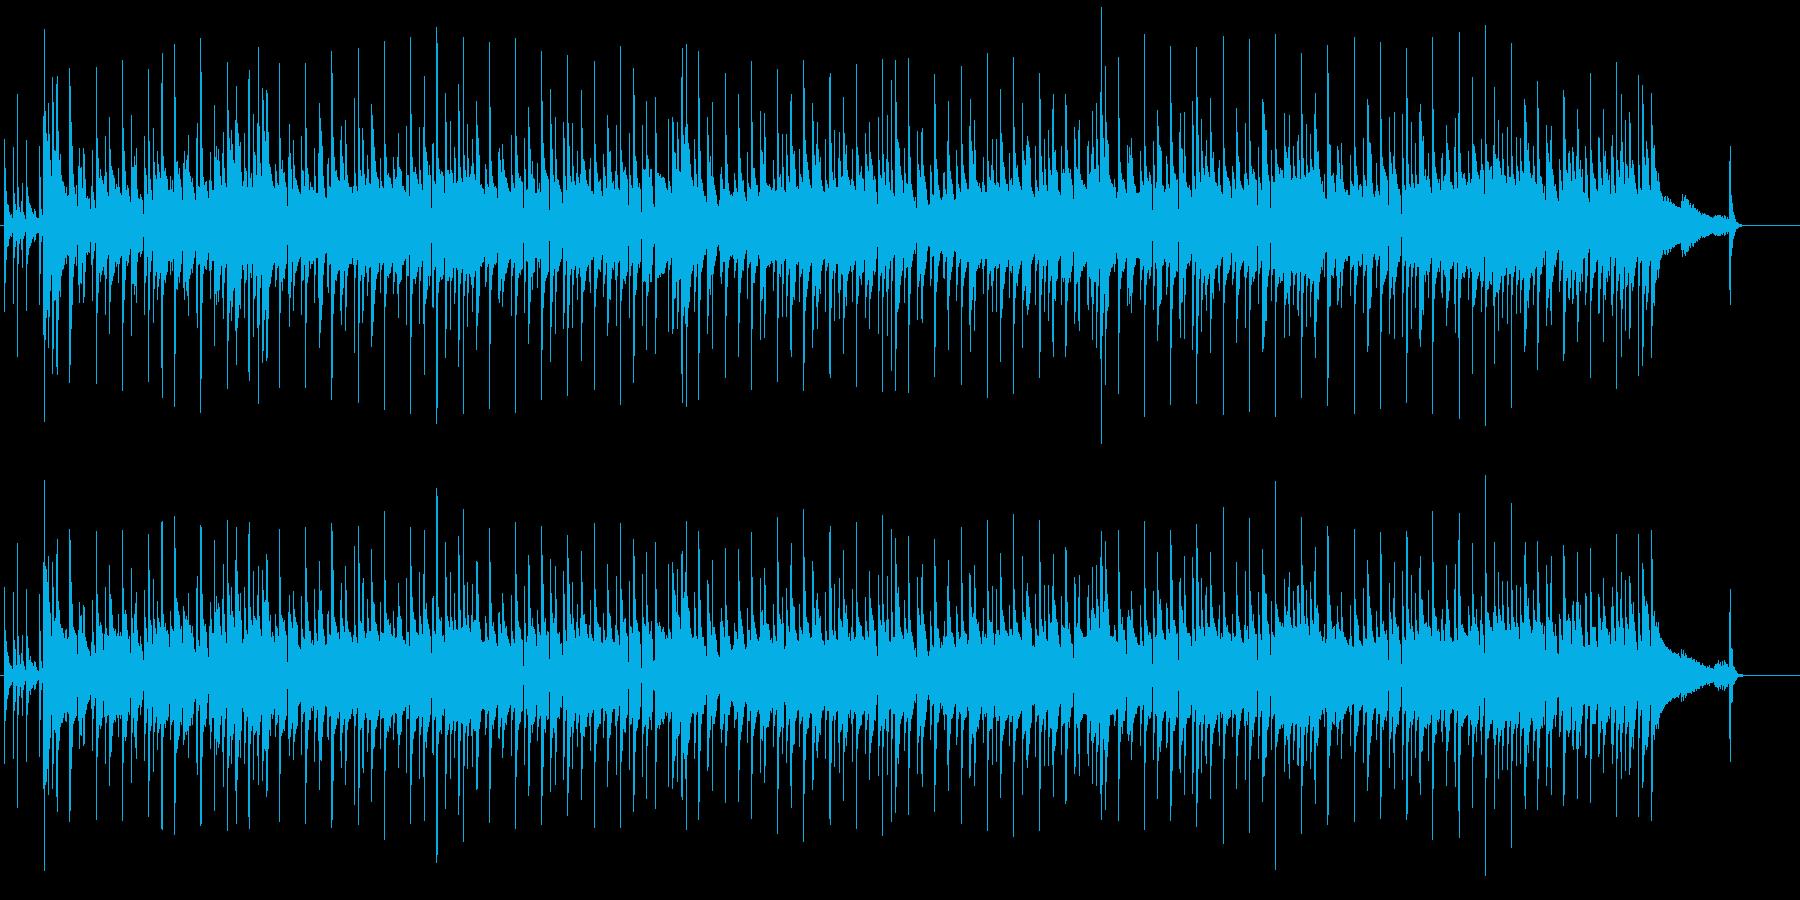 オルガンとバンドのセッションの再生済みの波形